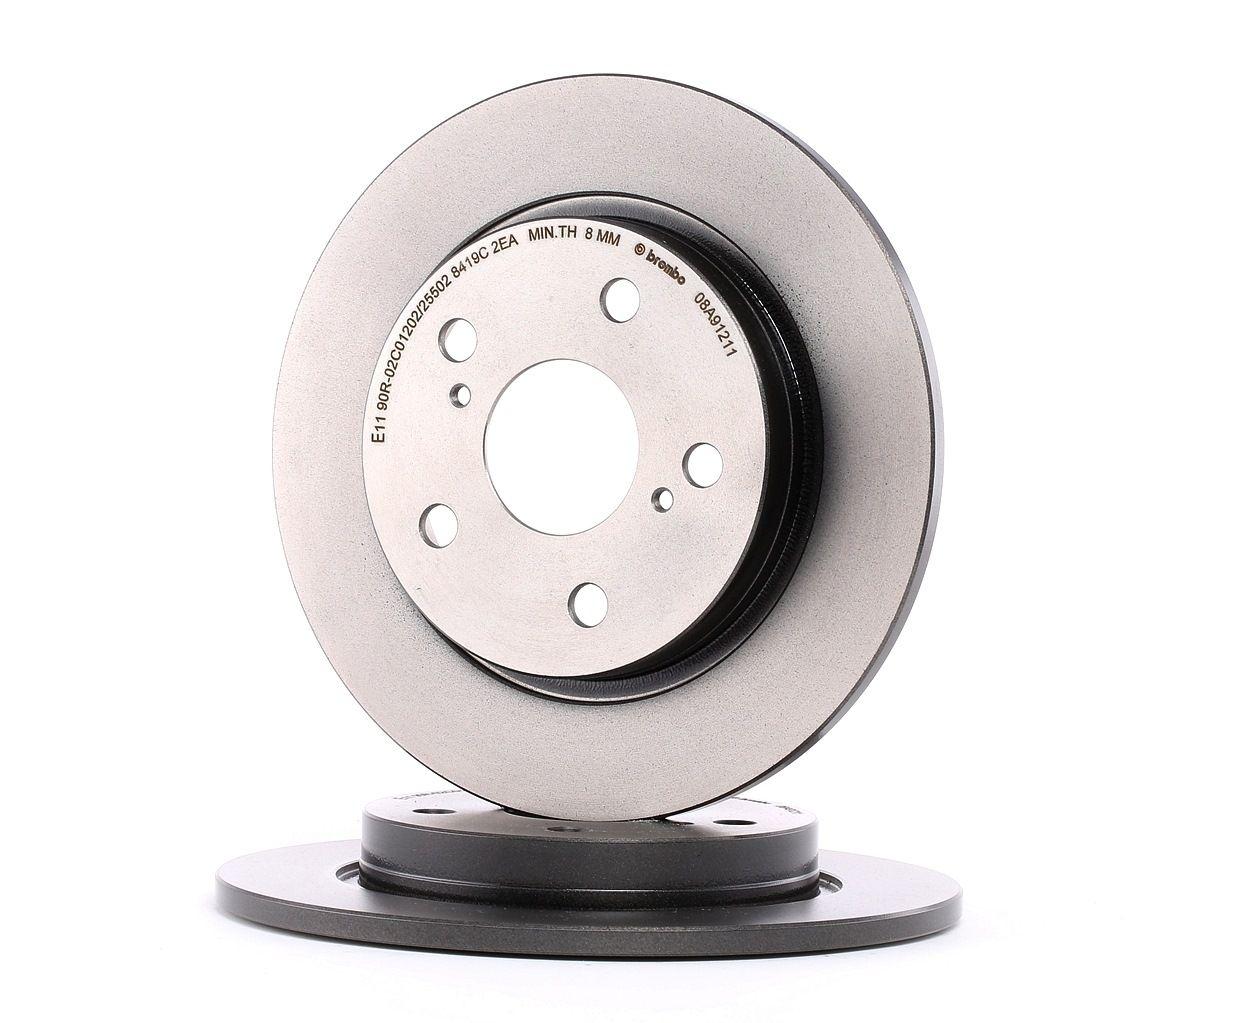 TOYOTA COROLLA 2015 Bremsscheibe - Original BREMBO 08.A912.11 Ø: 270mm, Lochanzahl: 5, Bremsscheibendicke: 10mm